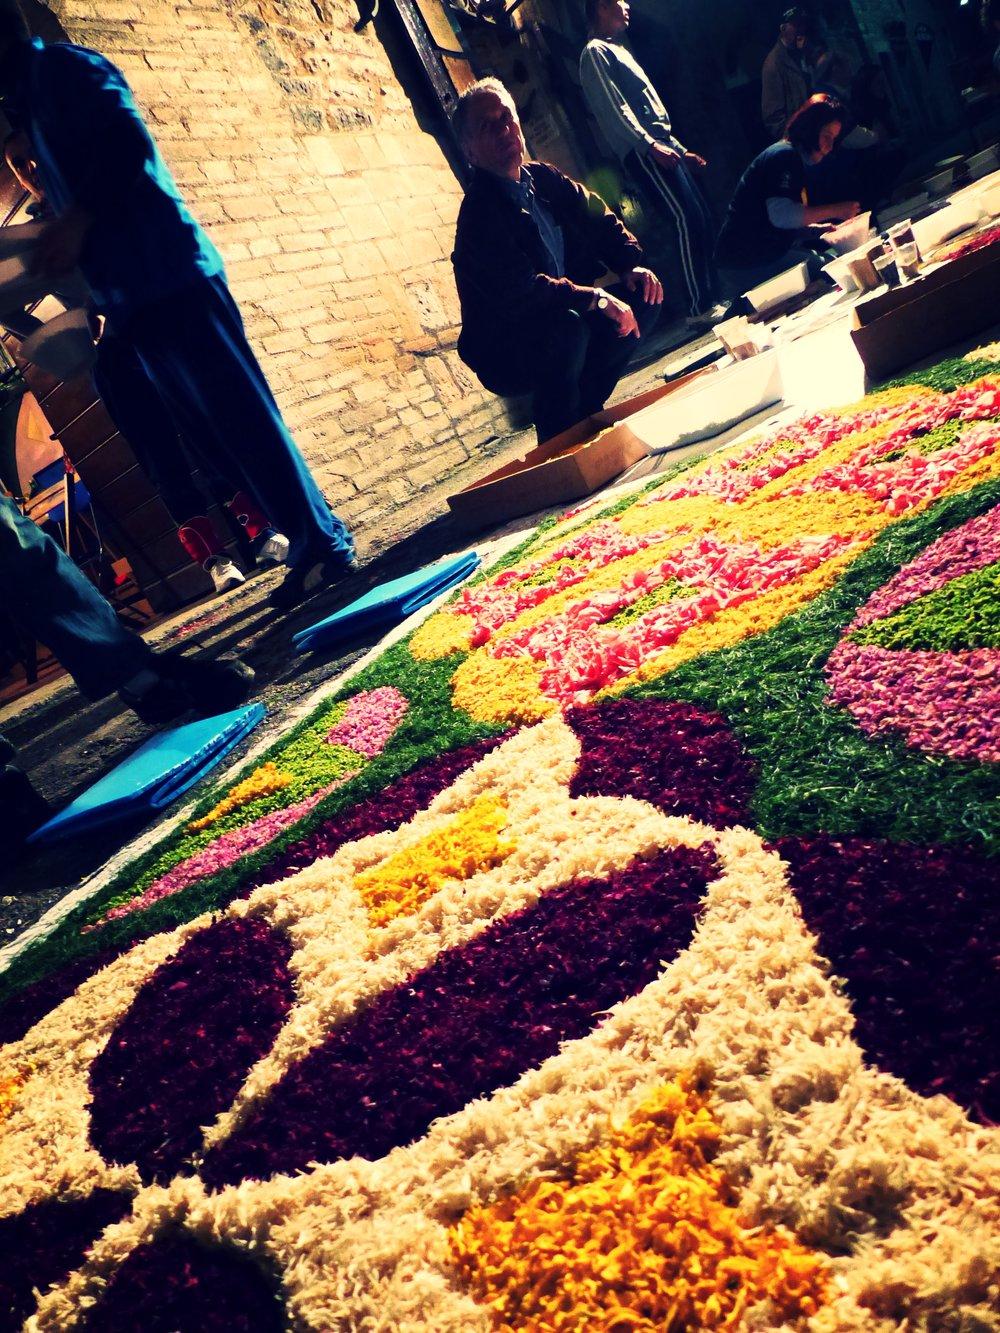 Flower carpet at Infiorata in Spello, Umbria